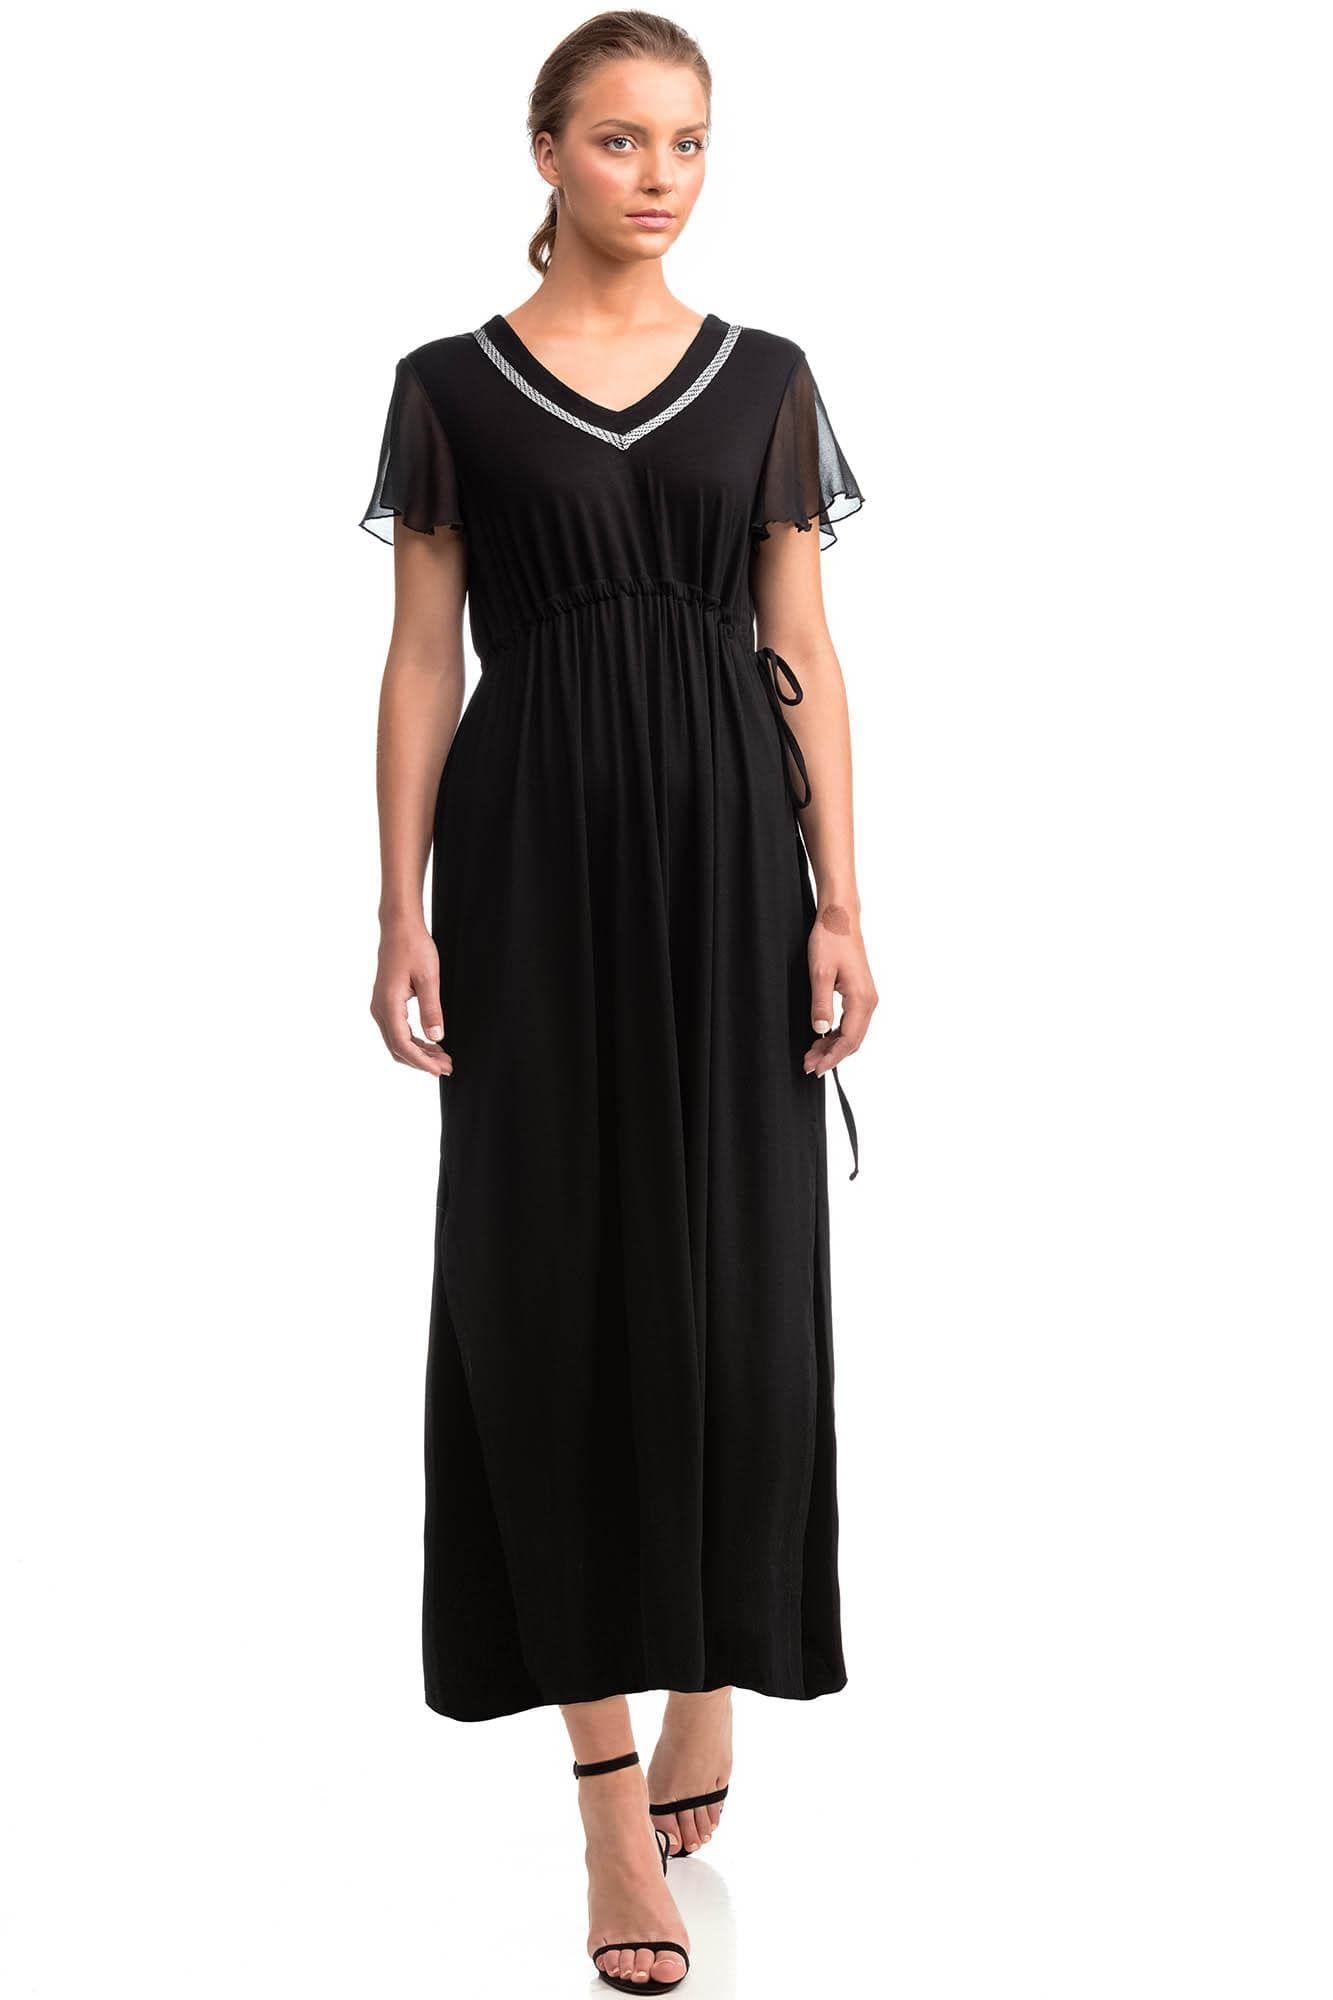 Μακρύ Φόρεμα με Σιφόν Μανίκι